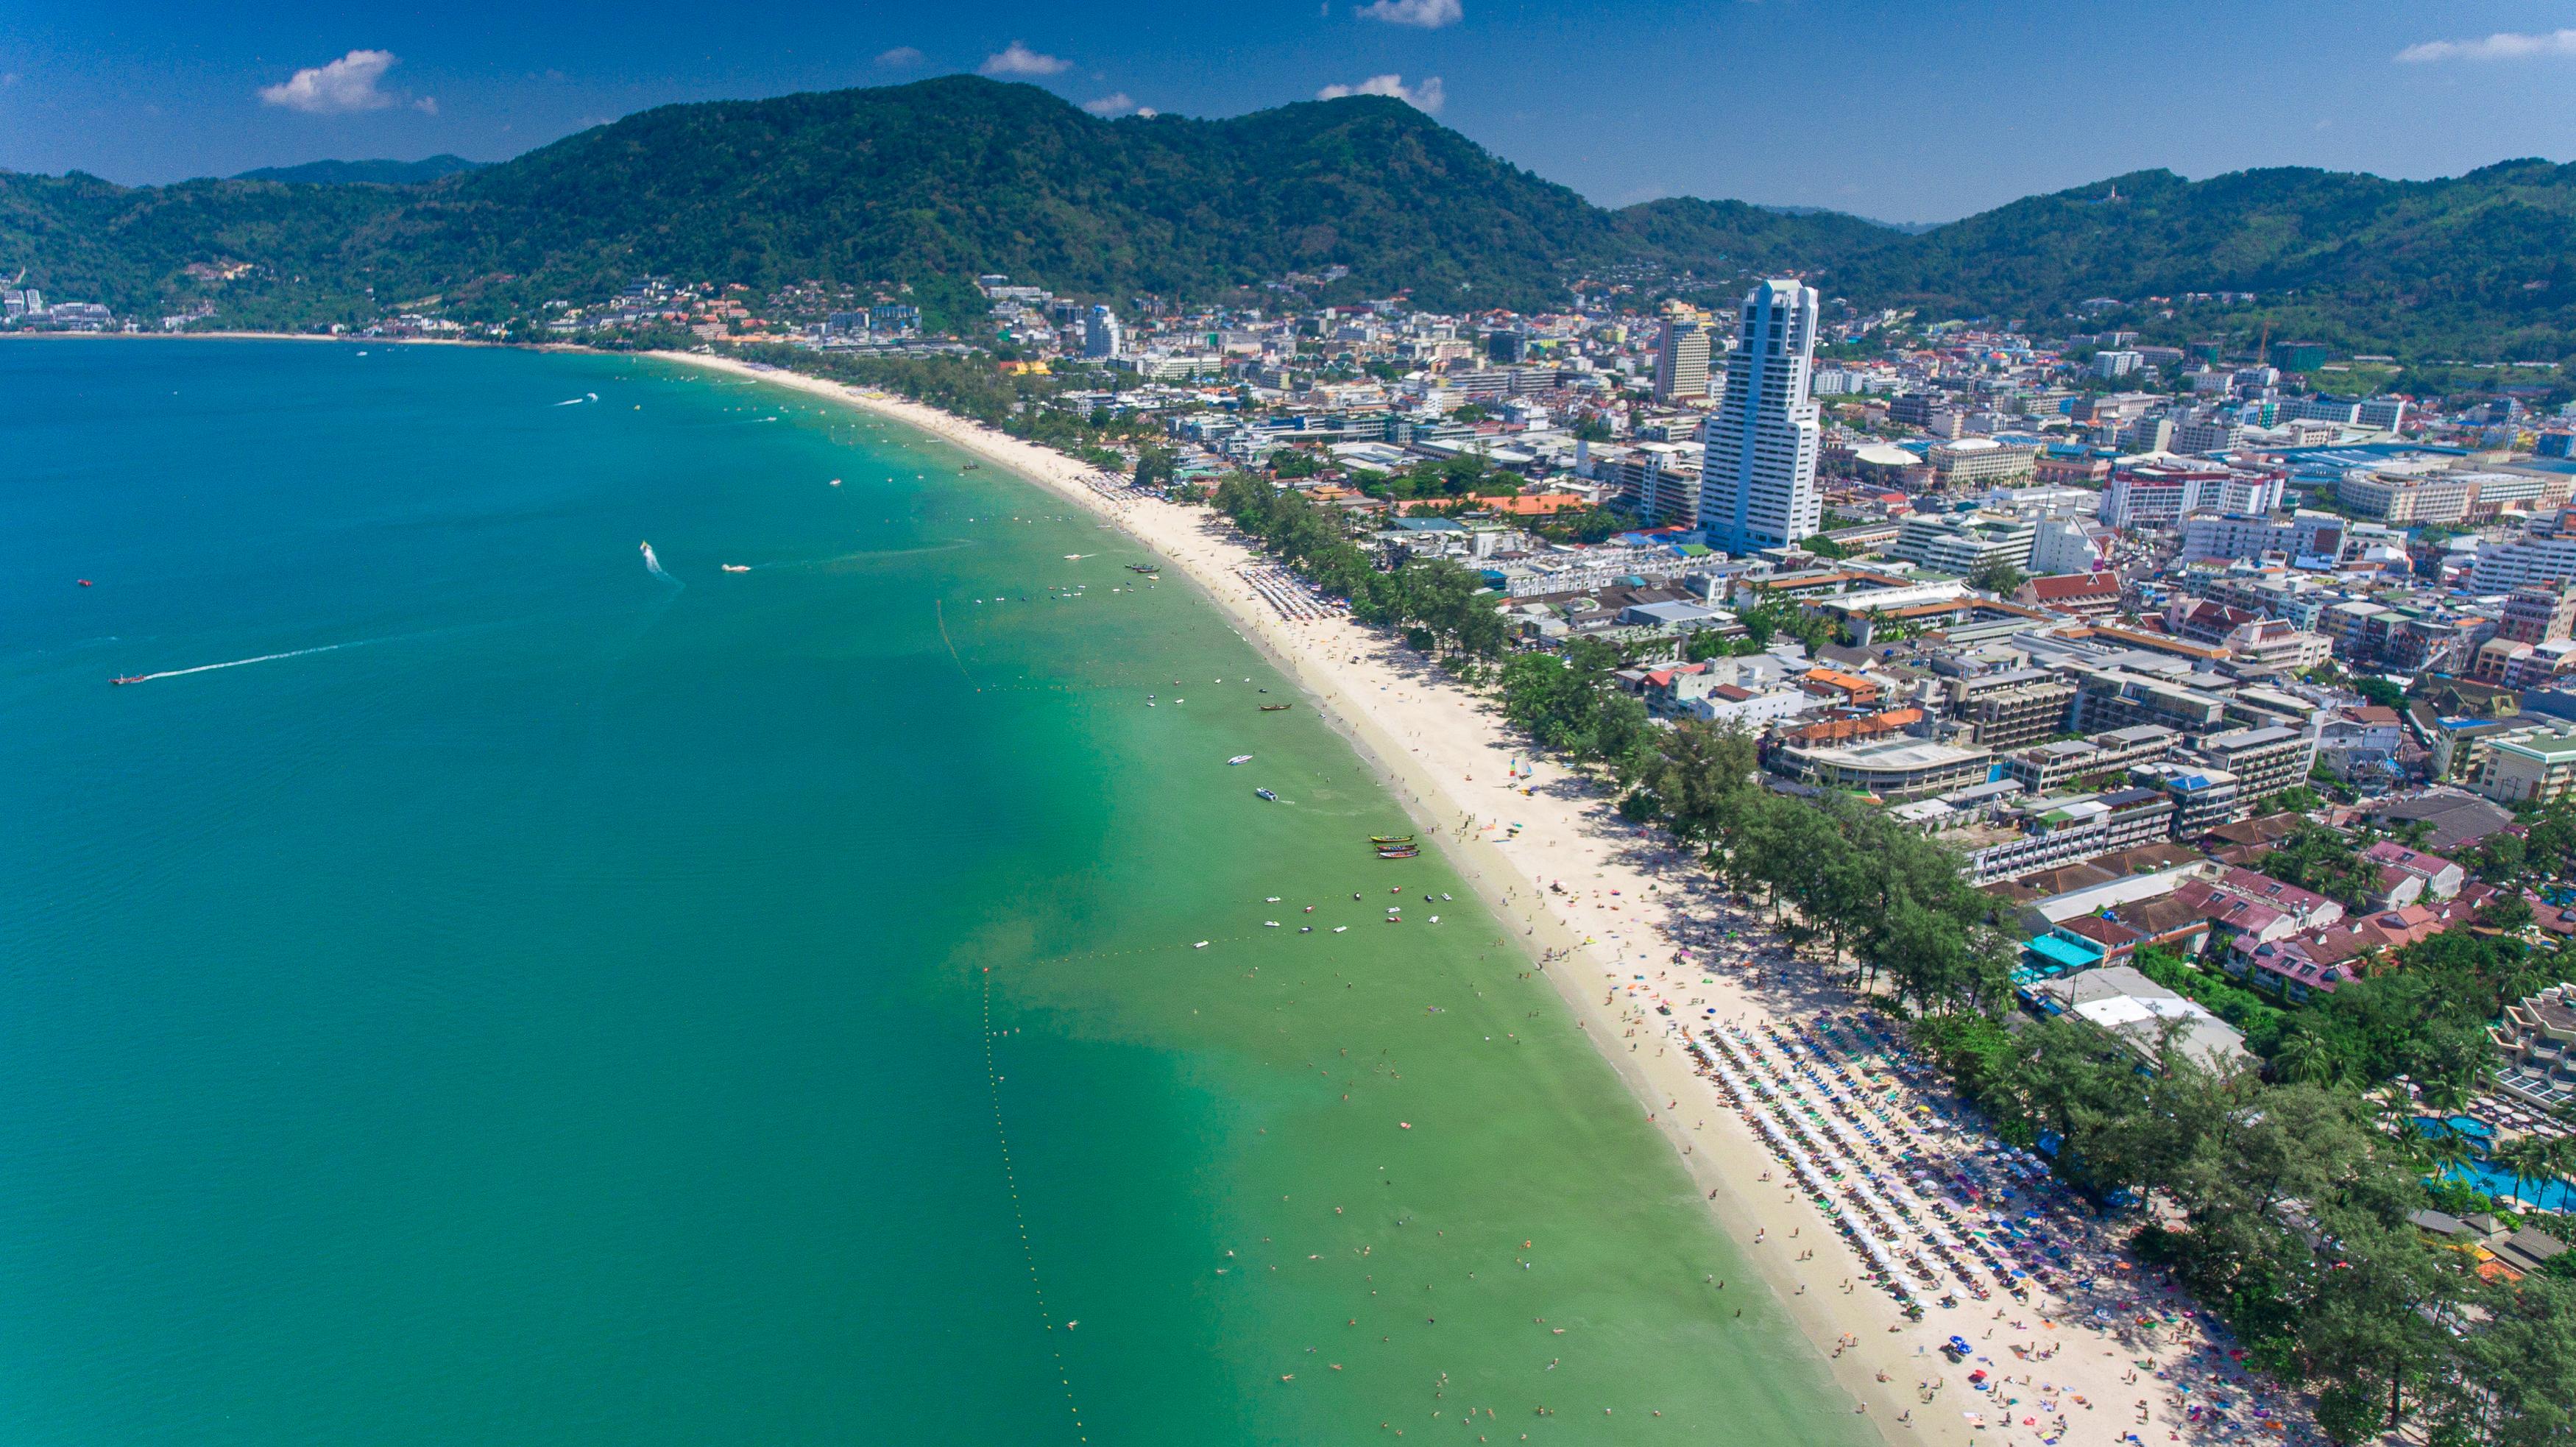 Ассоциация тайских отелей: туризм на Пхукете снизился на 30%